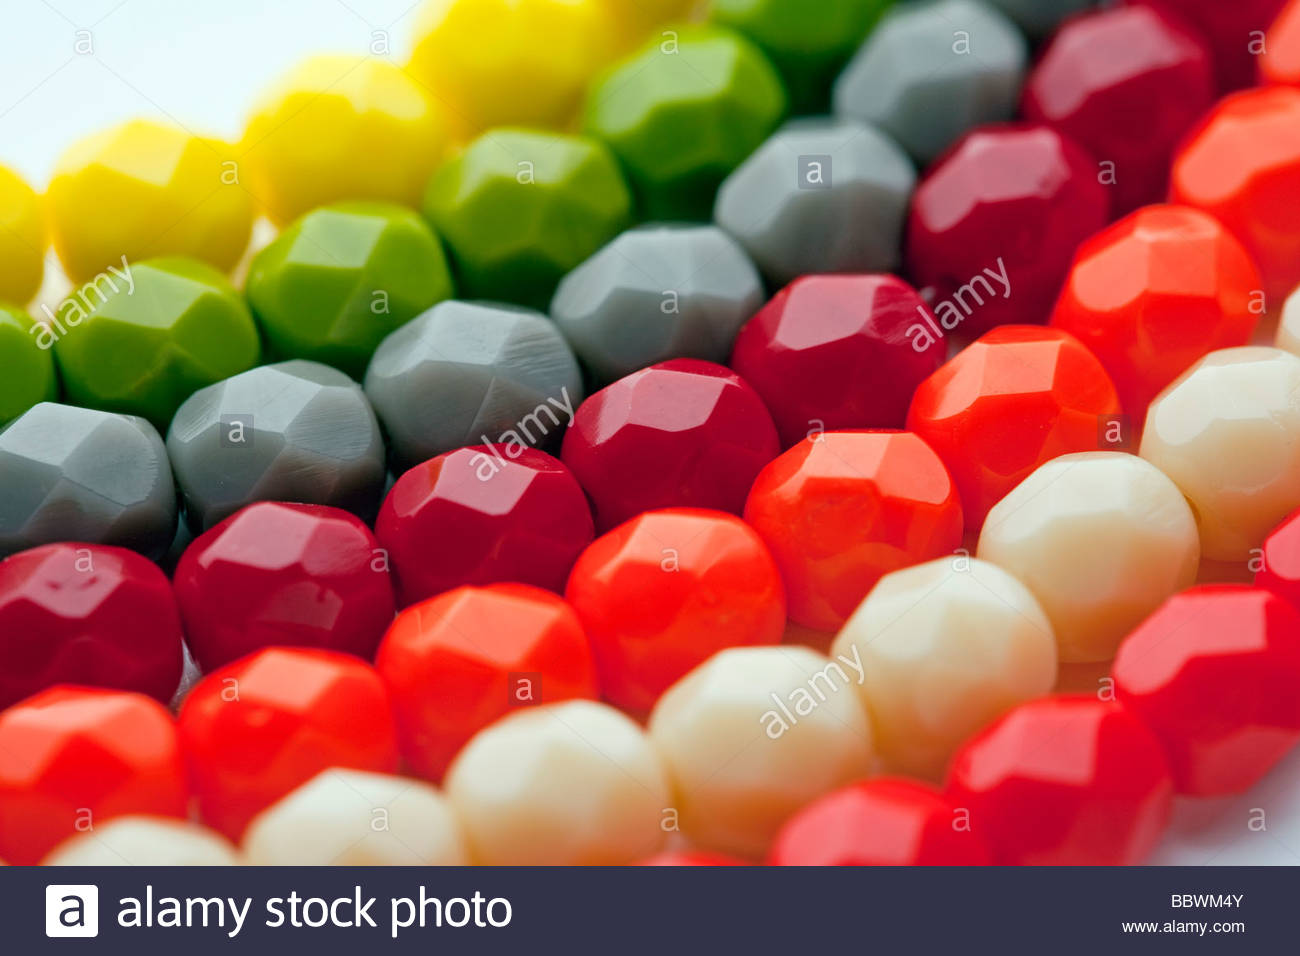 Cuentas de colores de un collar de bisutería Accounts color necklace costume jewelry - Stock Image